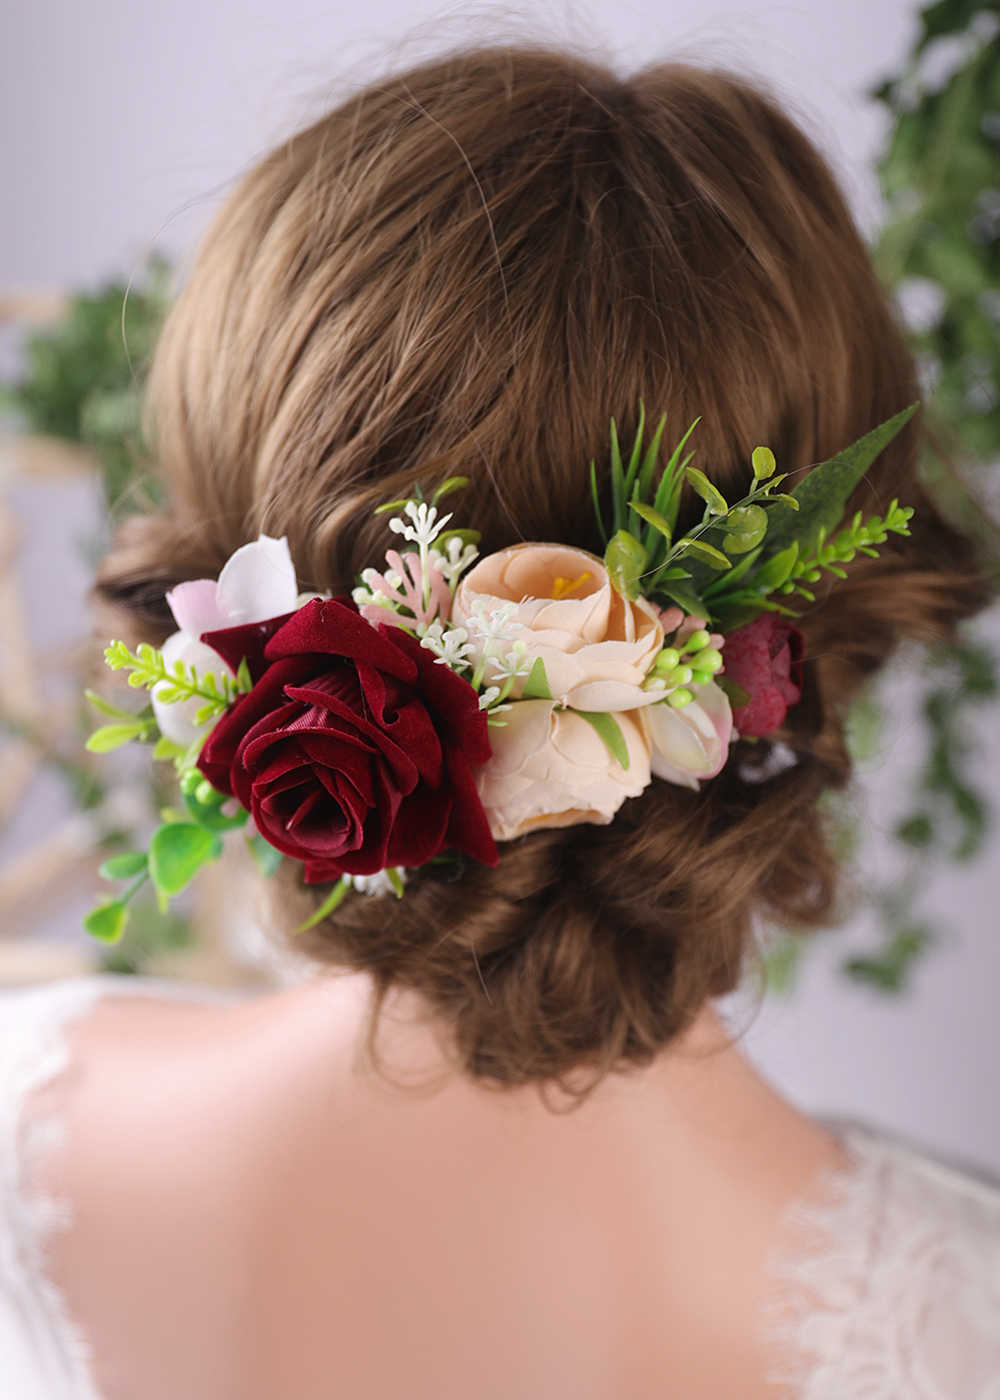 Chic Flower Hair Comb Red Rose Wedding Bridal Hair Accessories Female Glamour Classic Hair Vine Fashion Hair Pins For Women Aliexpress